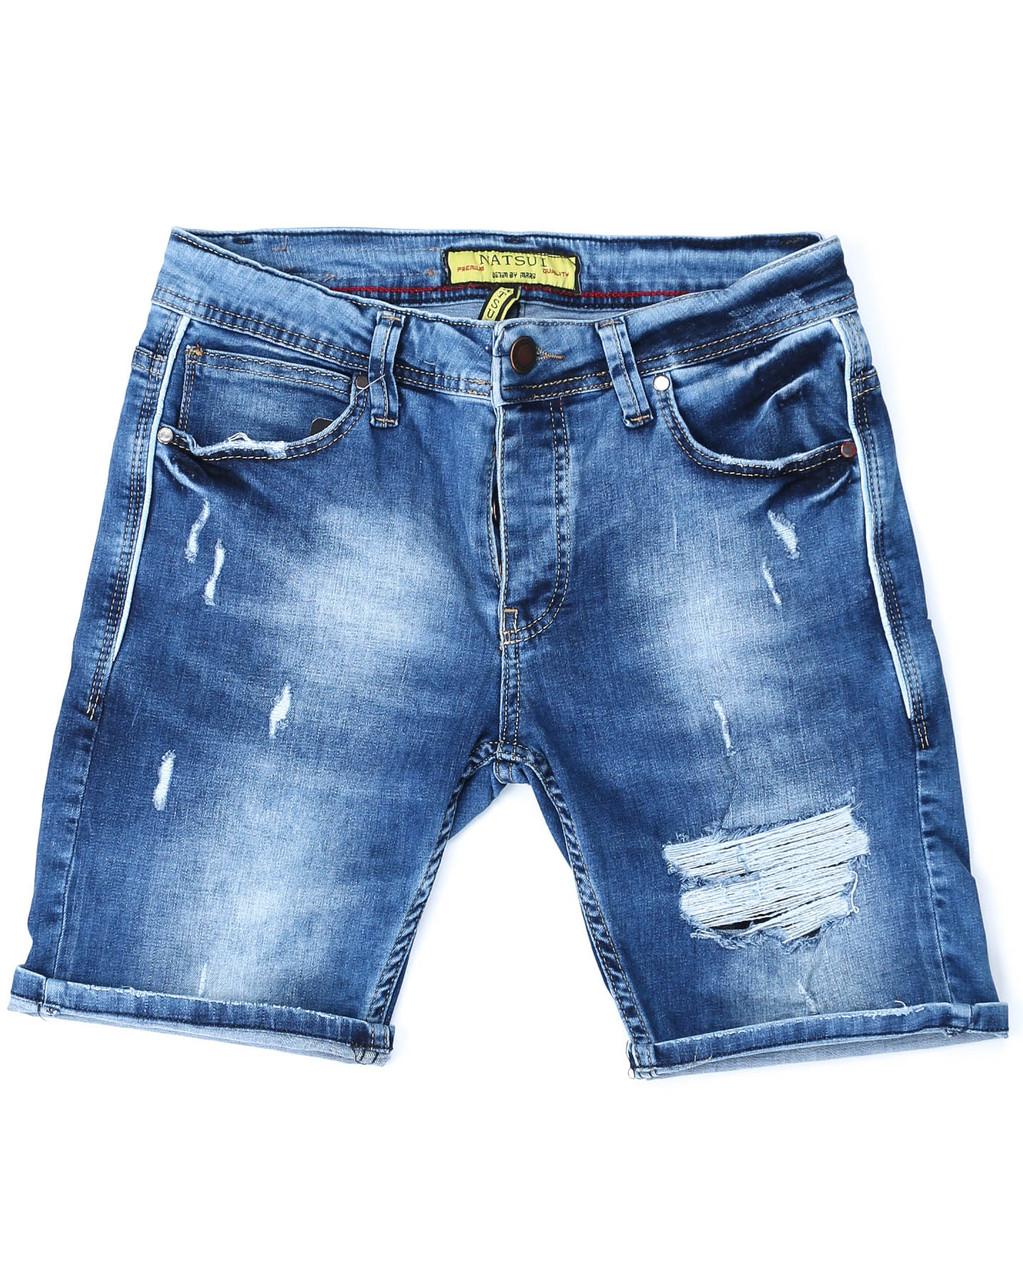 Шорты джинс MARIO рваные 29(Р) 0124